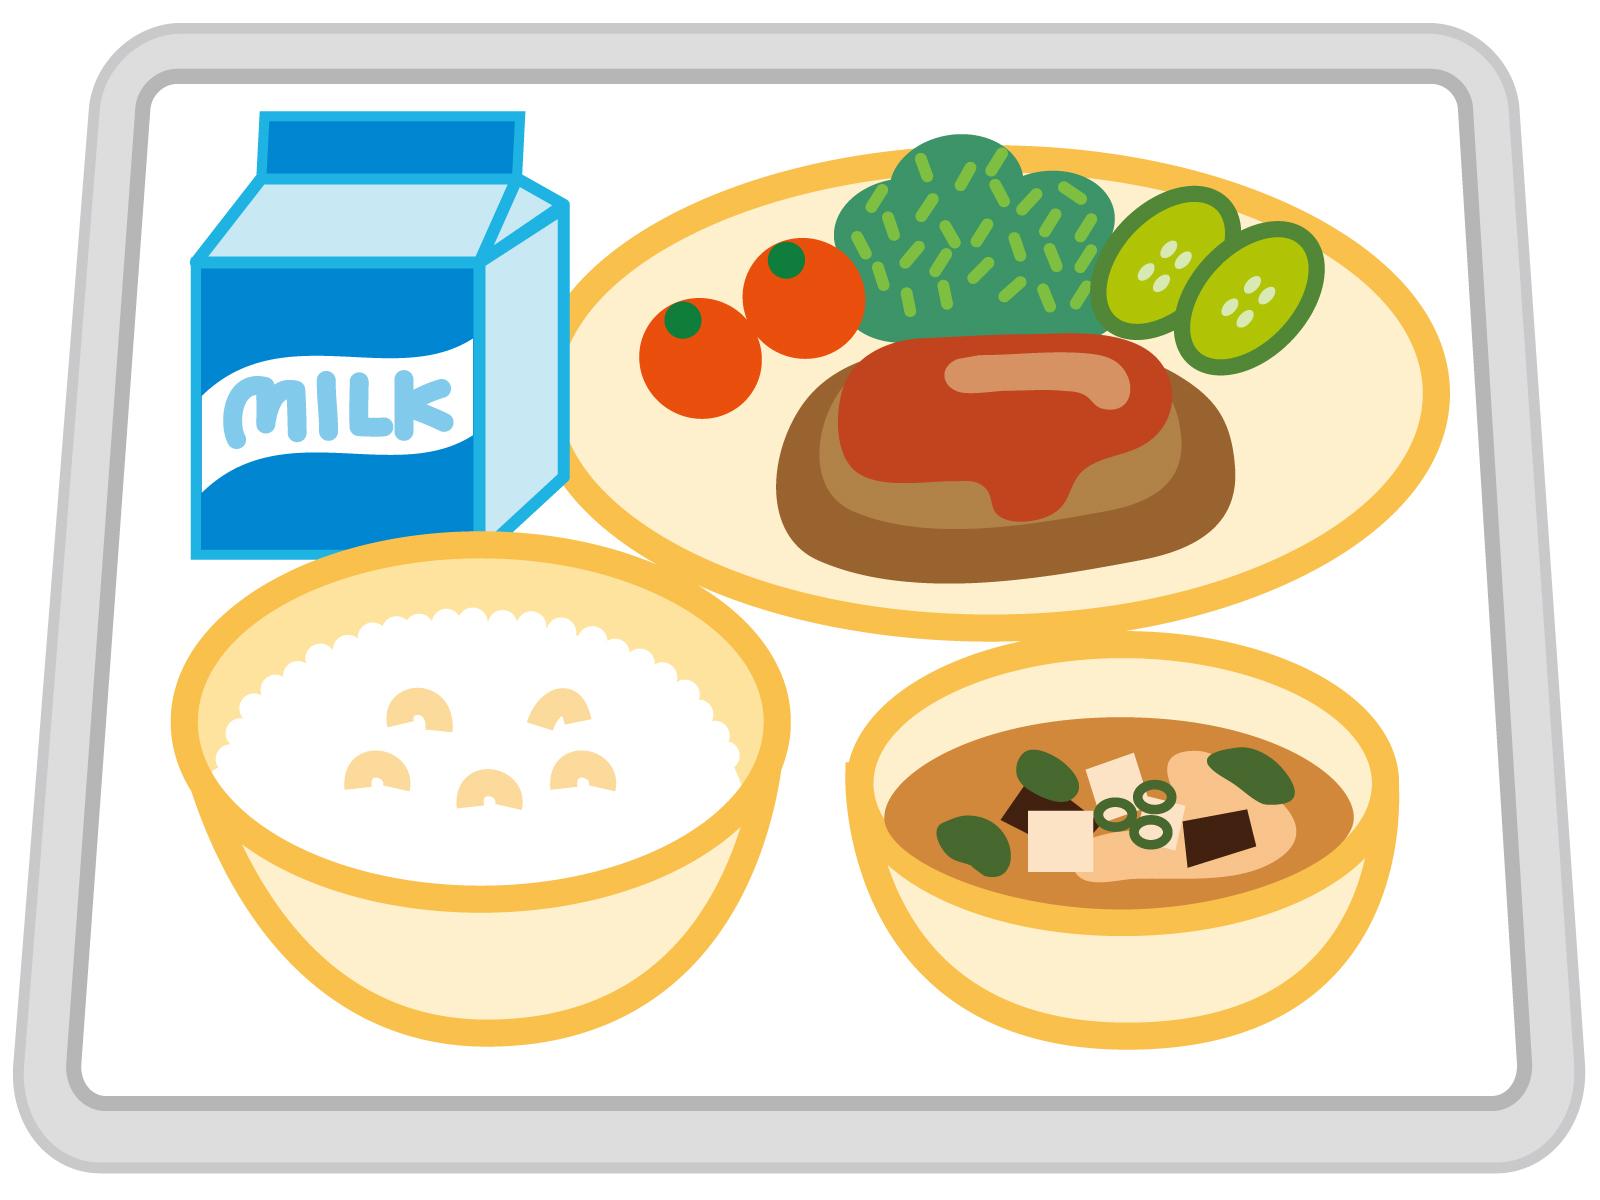 認知症の人に対する食事管理の難しさ。偏食があるなど